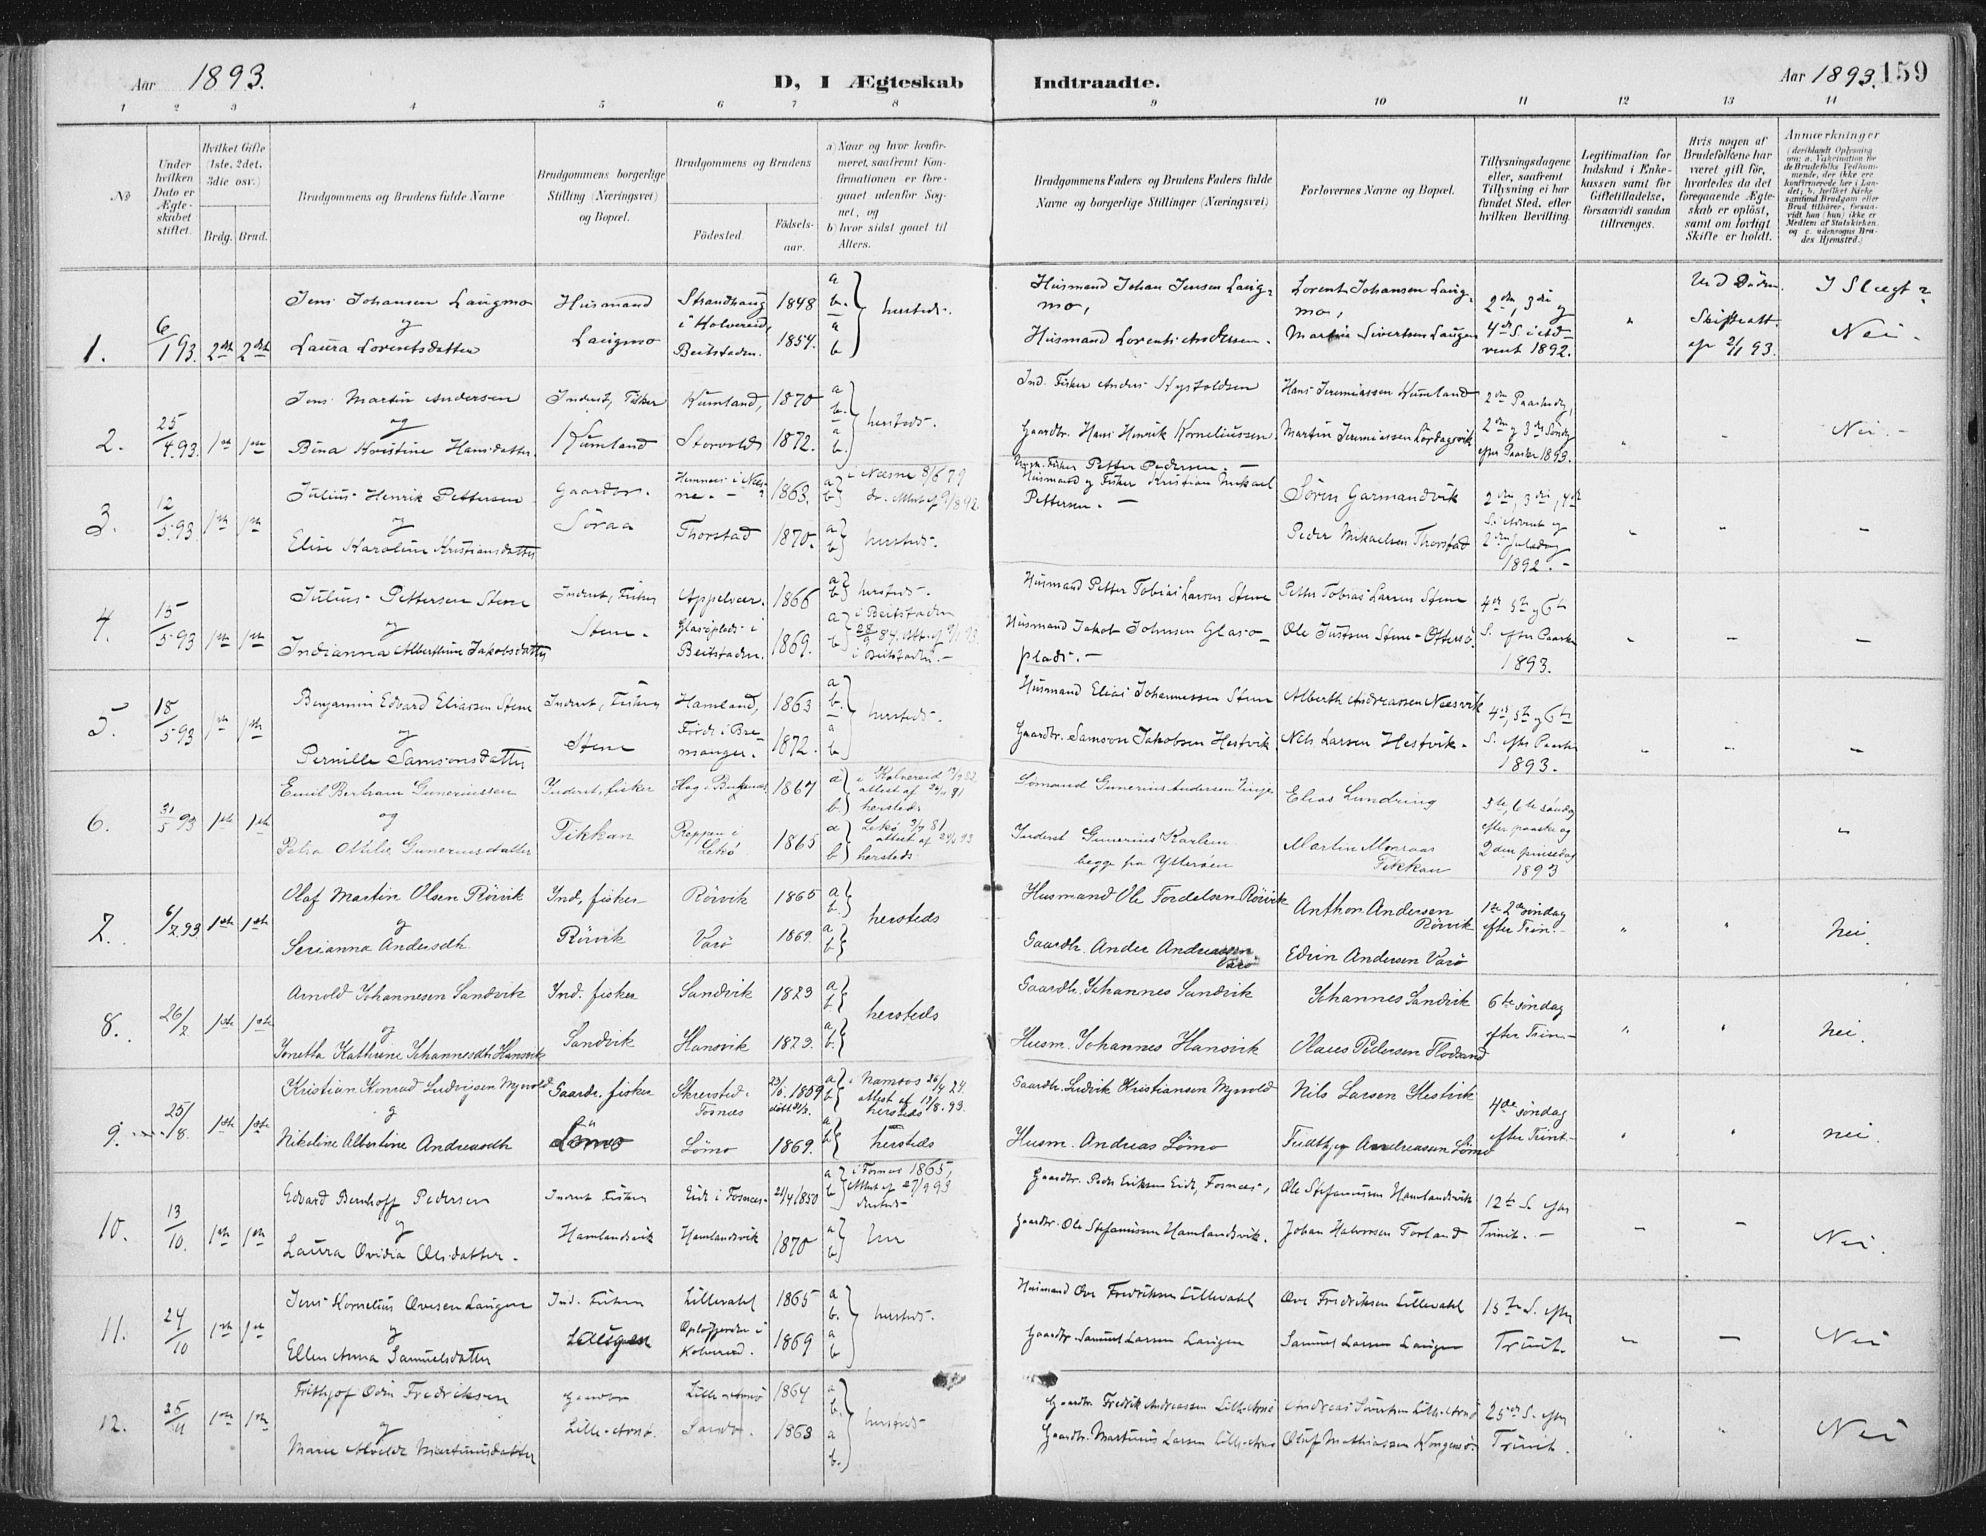 SAT, Ministerialprotokoller, klokkerbøker og fødselsregistre - Nord-Trøndelag, 784/L0673: Ministerialbok nr. 784A08, 1888-1899, s. 159